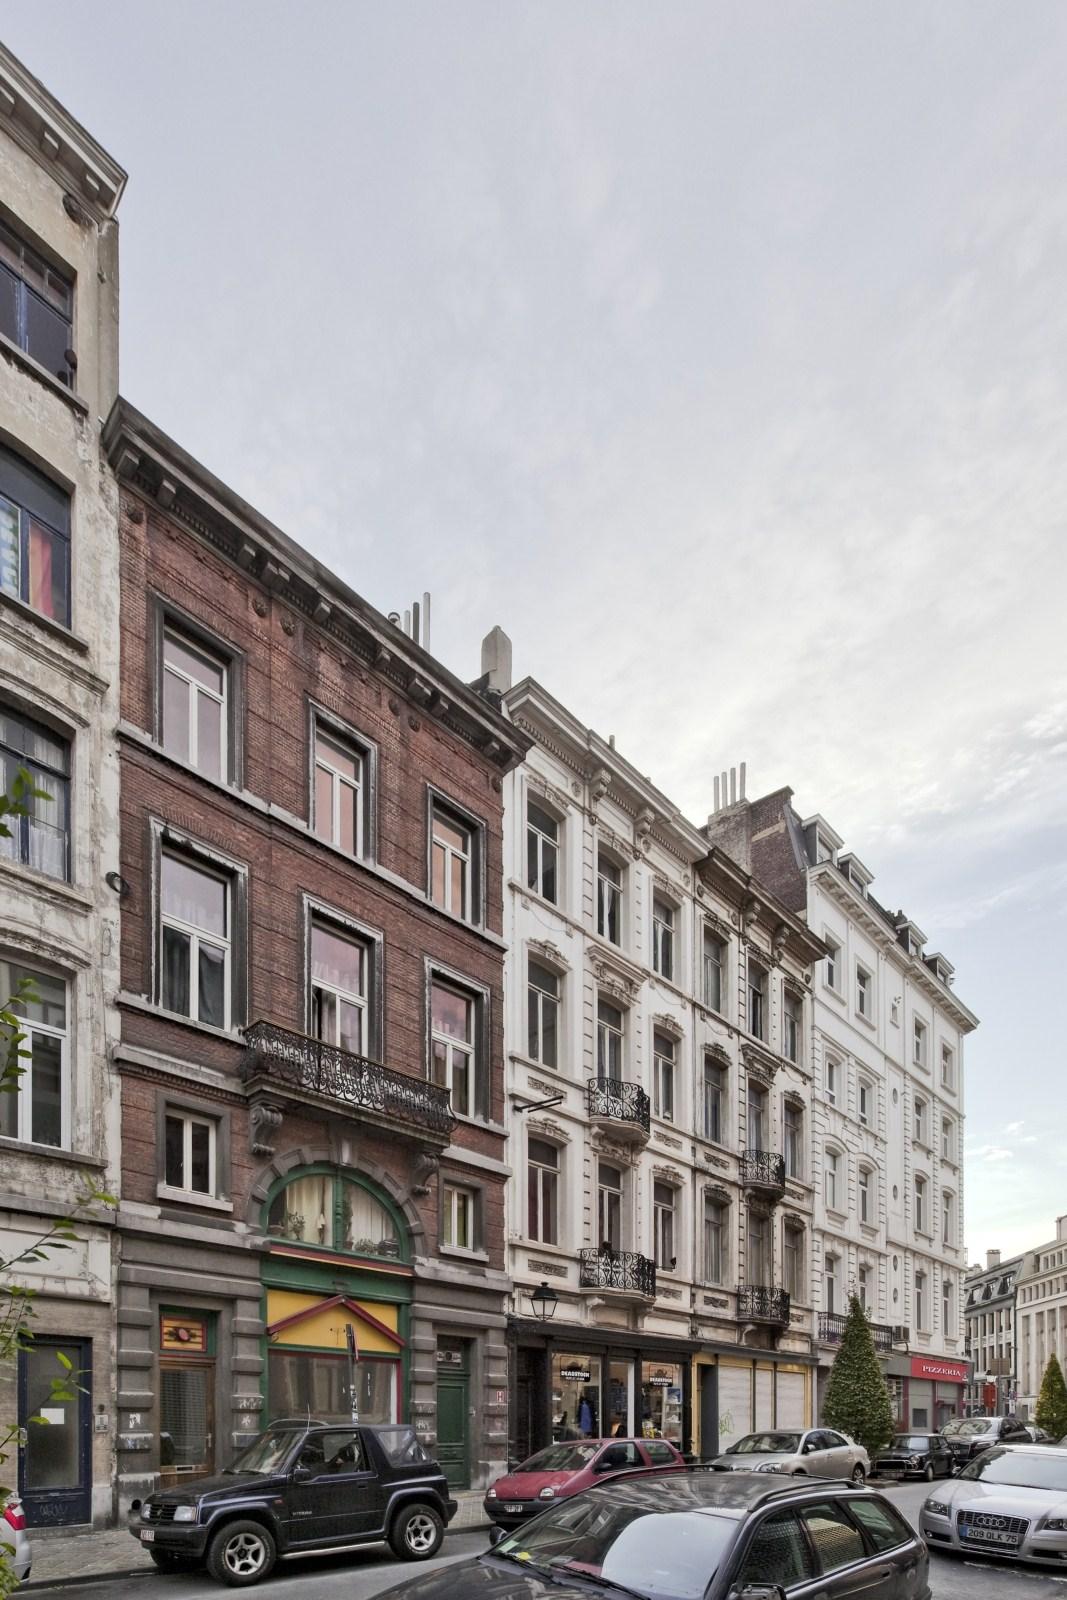 Rue de l'Athénée 1 à 7, enfilade néoclassique d'immeubles de rapport à rez-de-chaussée commercial.© 2009 © bepictures / BRUNETTA V. – EBERLIN M.